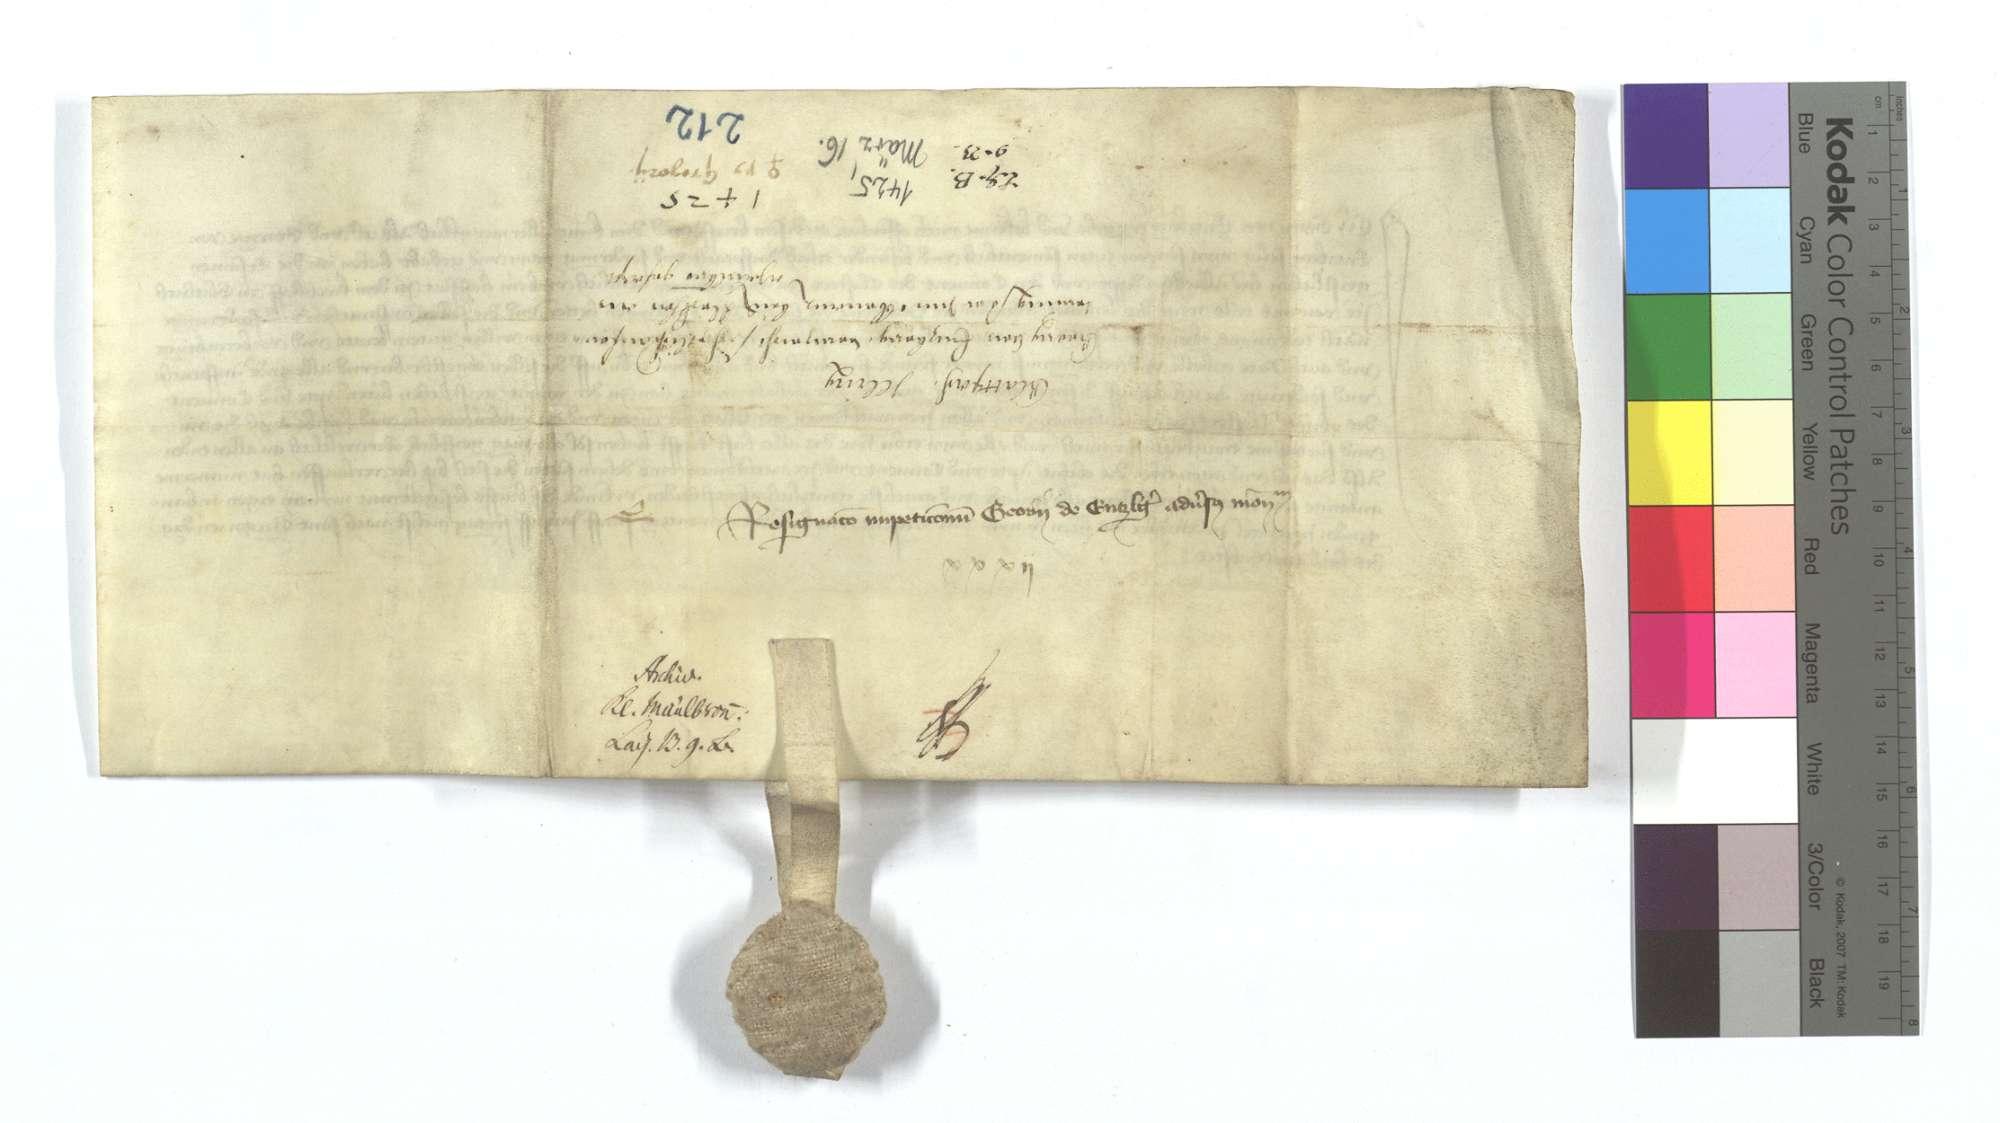 Georg von Enzberg verzichtet auf seine Anforderung, die er an das Kloster Maulbronn wegen einer Hofstatt in dem Kirchhof in Glattbach und eines Teils des Lämmerzehnten in Illingen gehabt hat., Rückseite